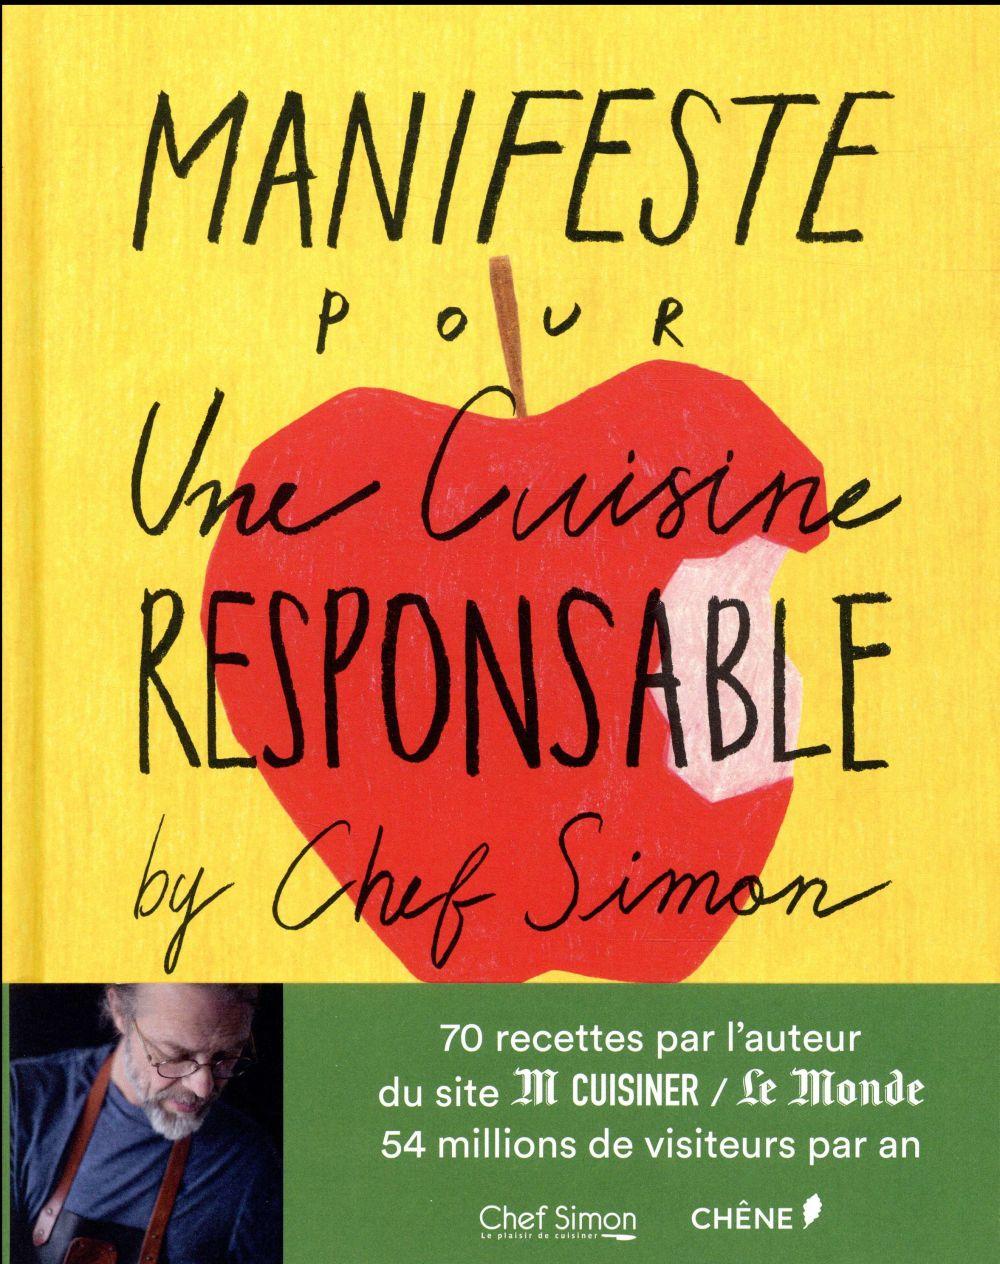 MANIFESTE POUR UNE CUISINE RESPONSABLE ! BY CHEF SIMON